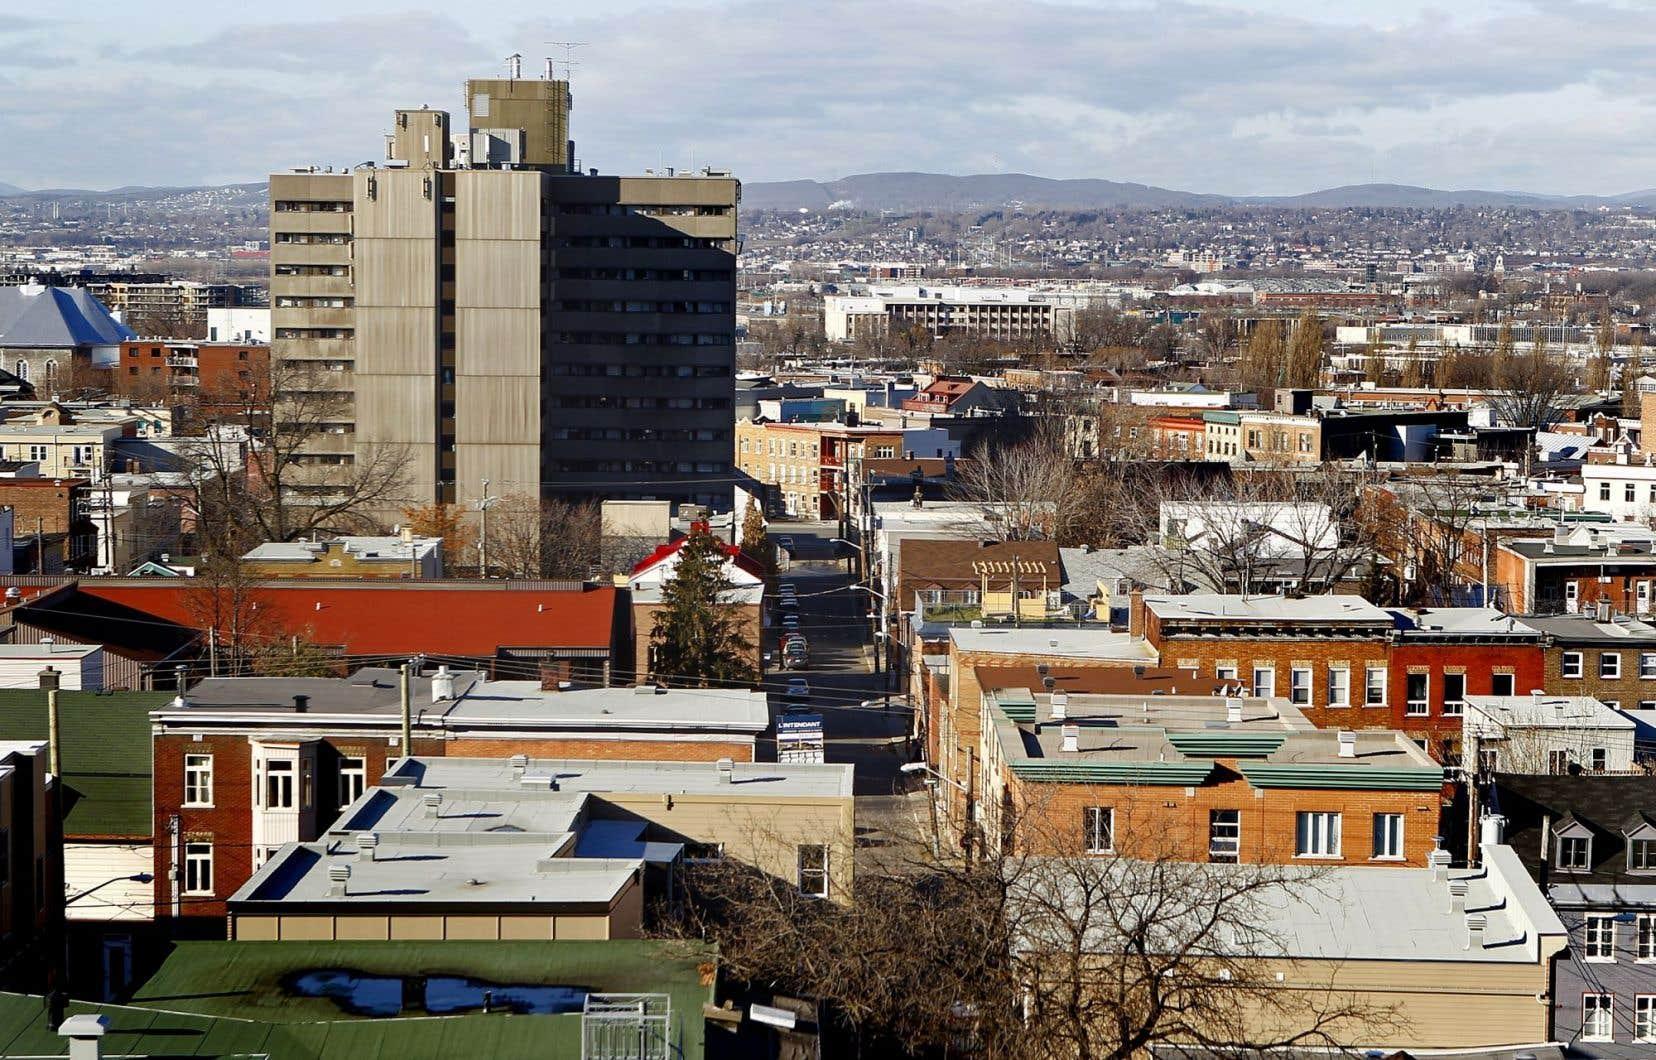 La demande de recours a été déposée devant la Cour supérieure du district judiciaire de Québec par la conjointe d'une des victimes de l'épidémie de légionellose ayant sévi à Québec à l'été 2012, Solange Allen.